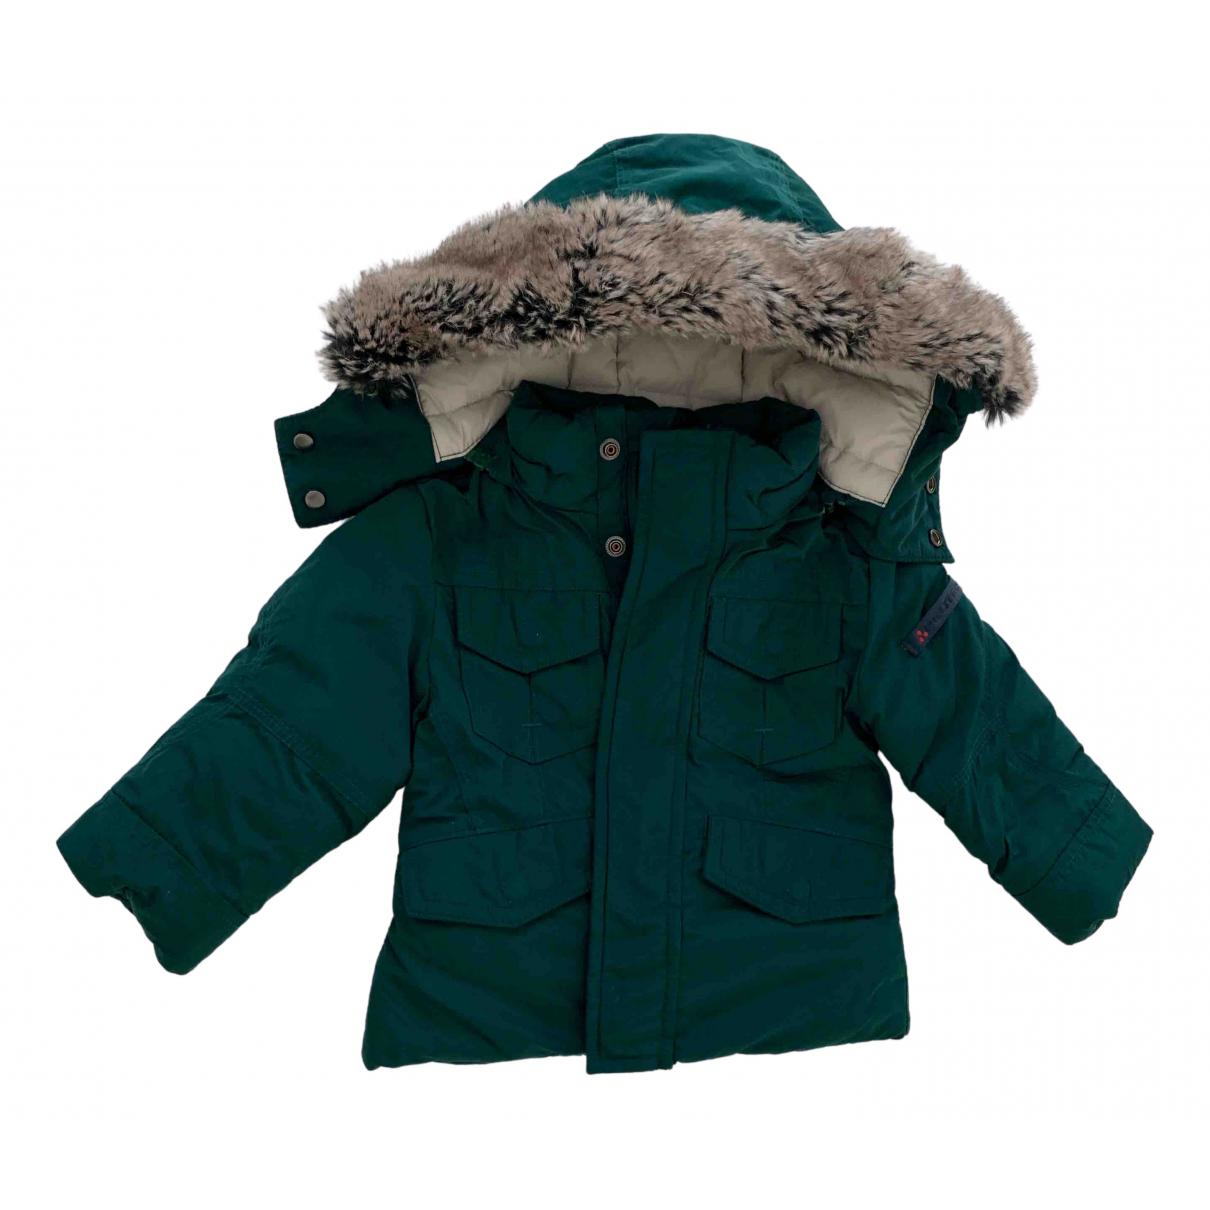 Peuterey - Blousons.Manteaux   pour enfant - vert